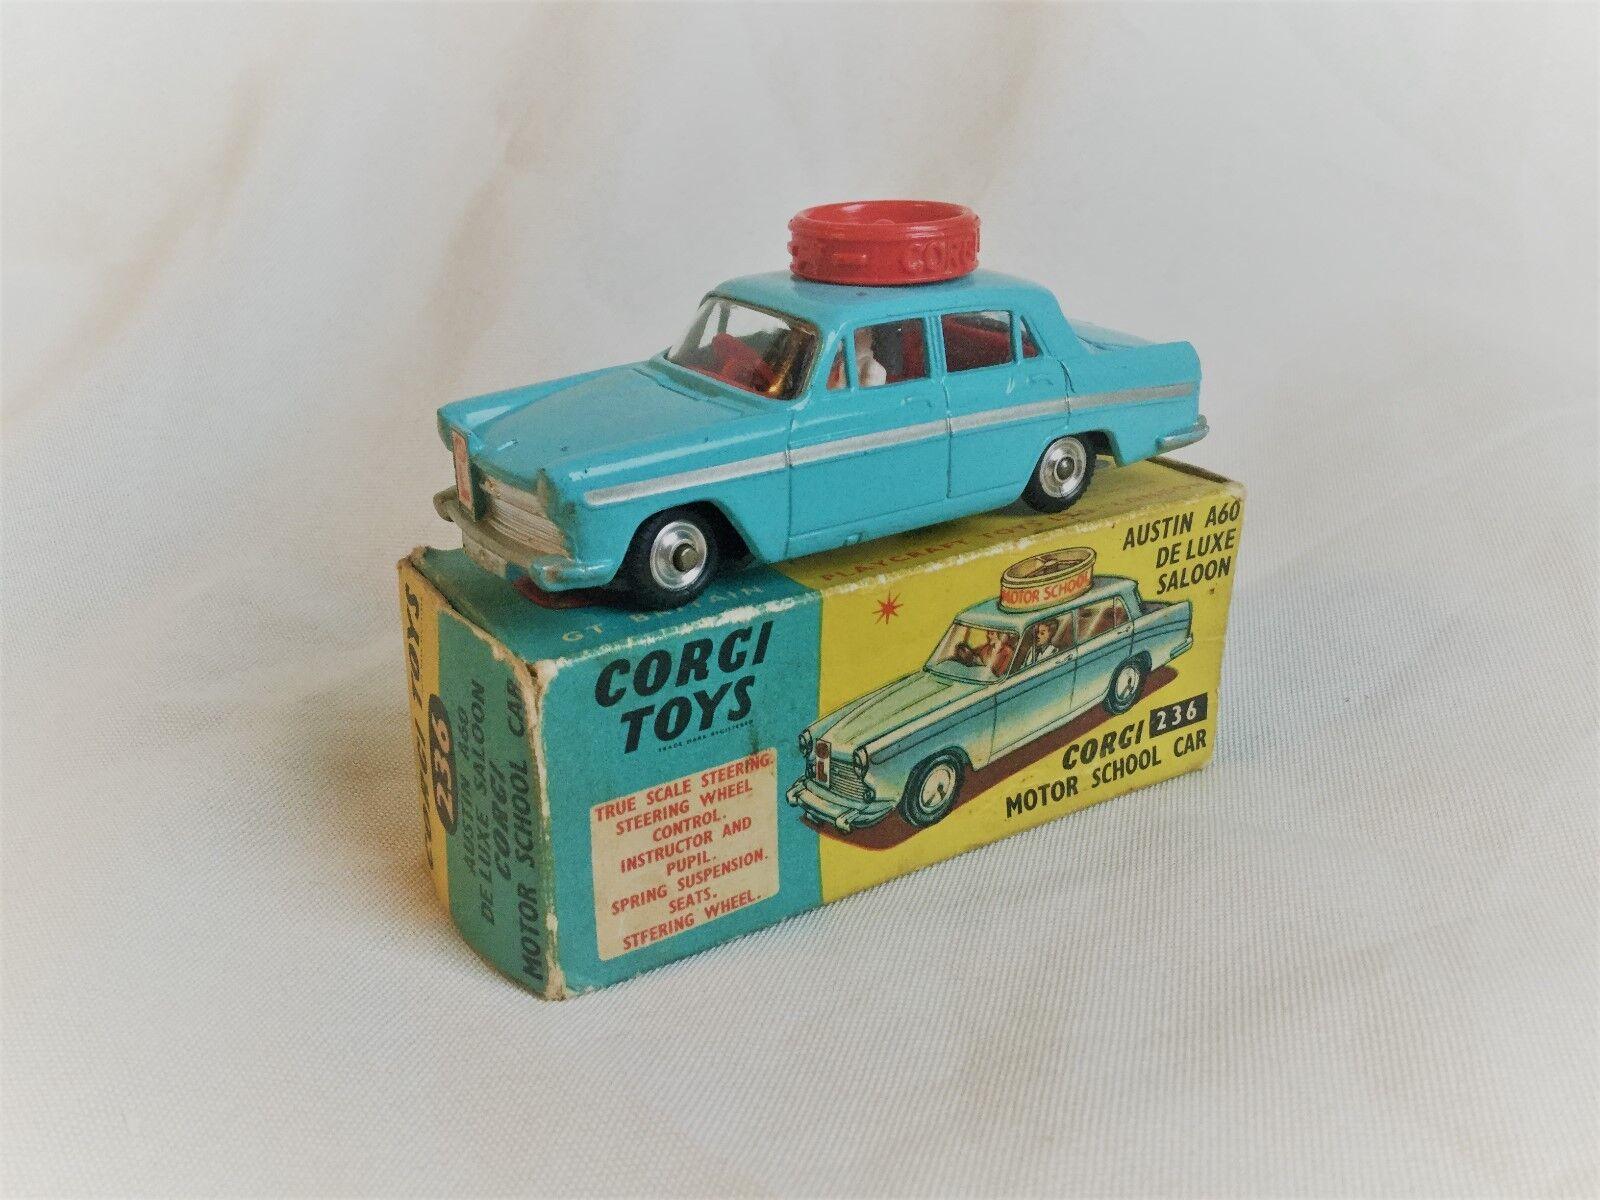 Corgi Toys no. 236 Austin A.60 De Luxe Saloon Motor School Car Boxed